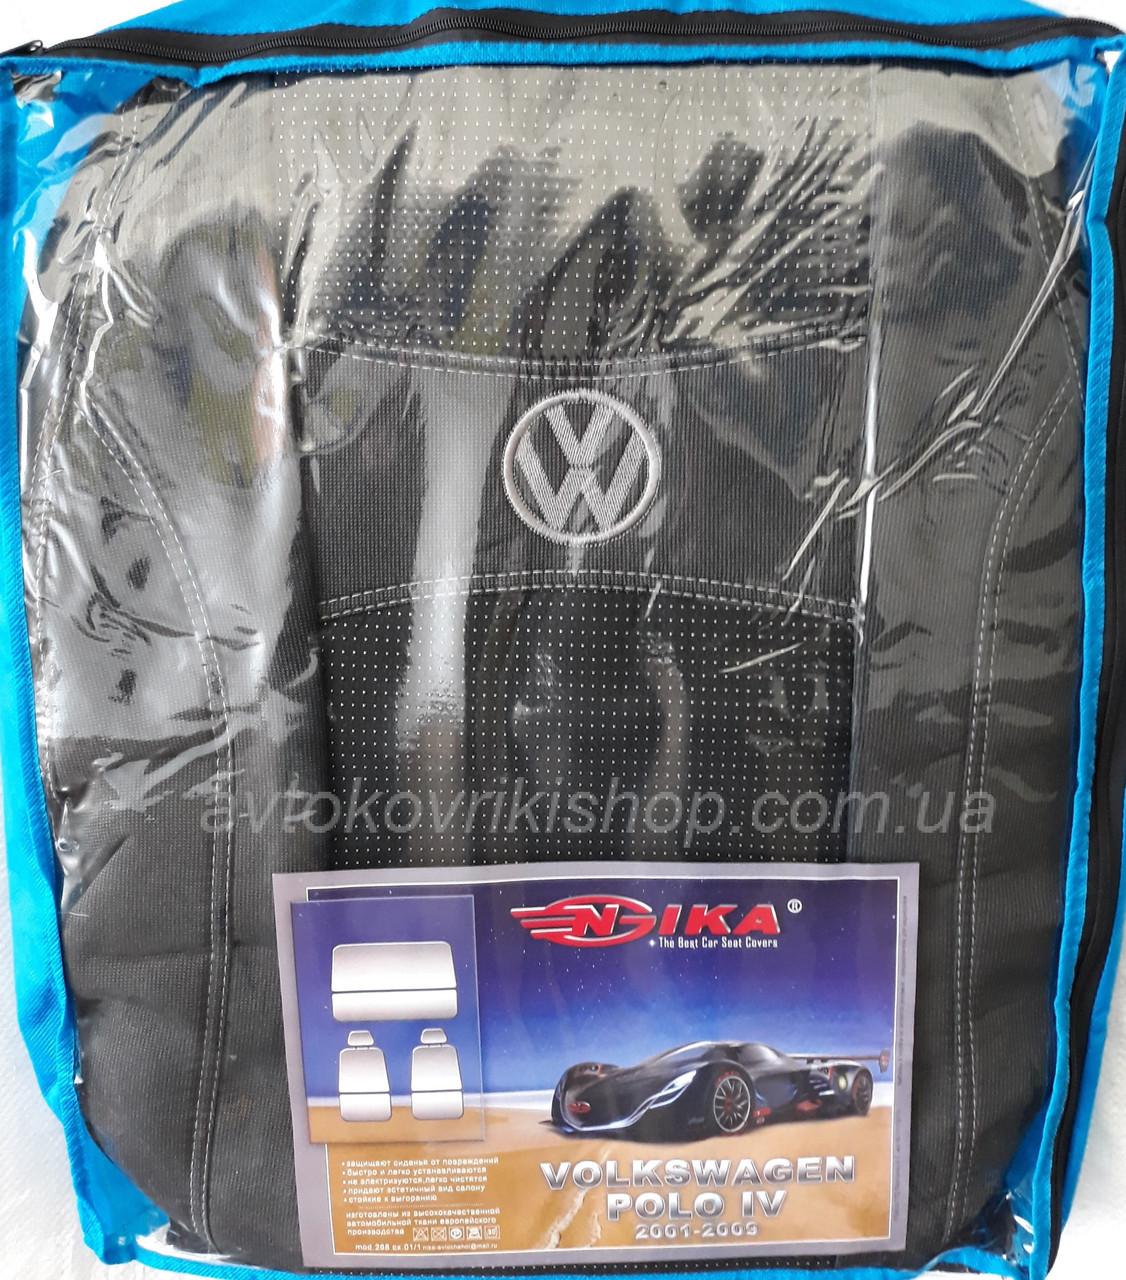 Авточехлы Volkswagen Polo IV 2001-2009 Nika